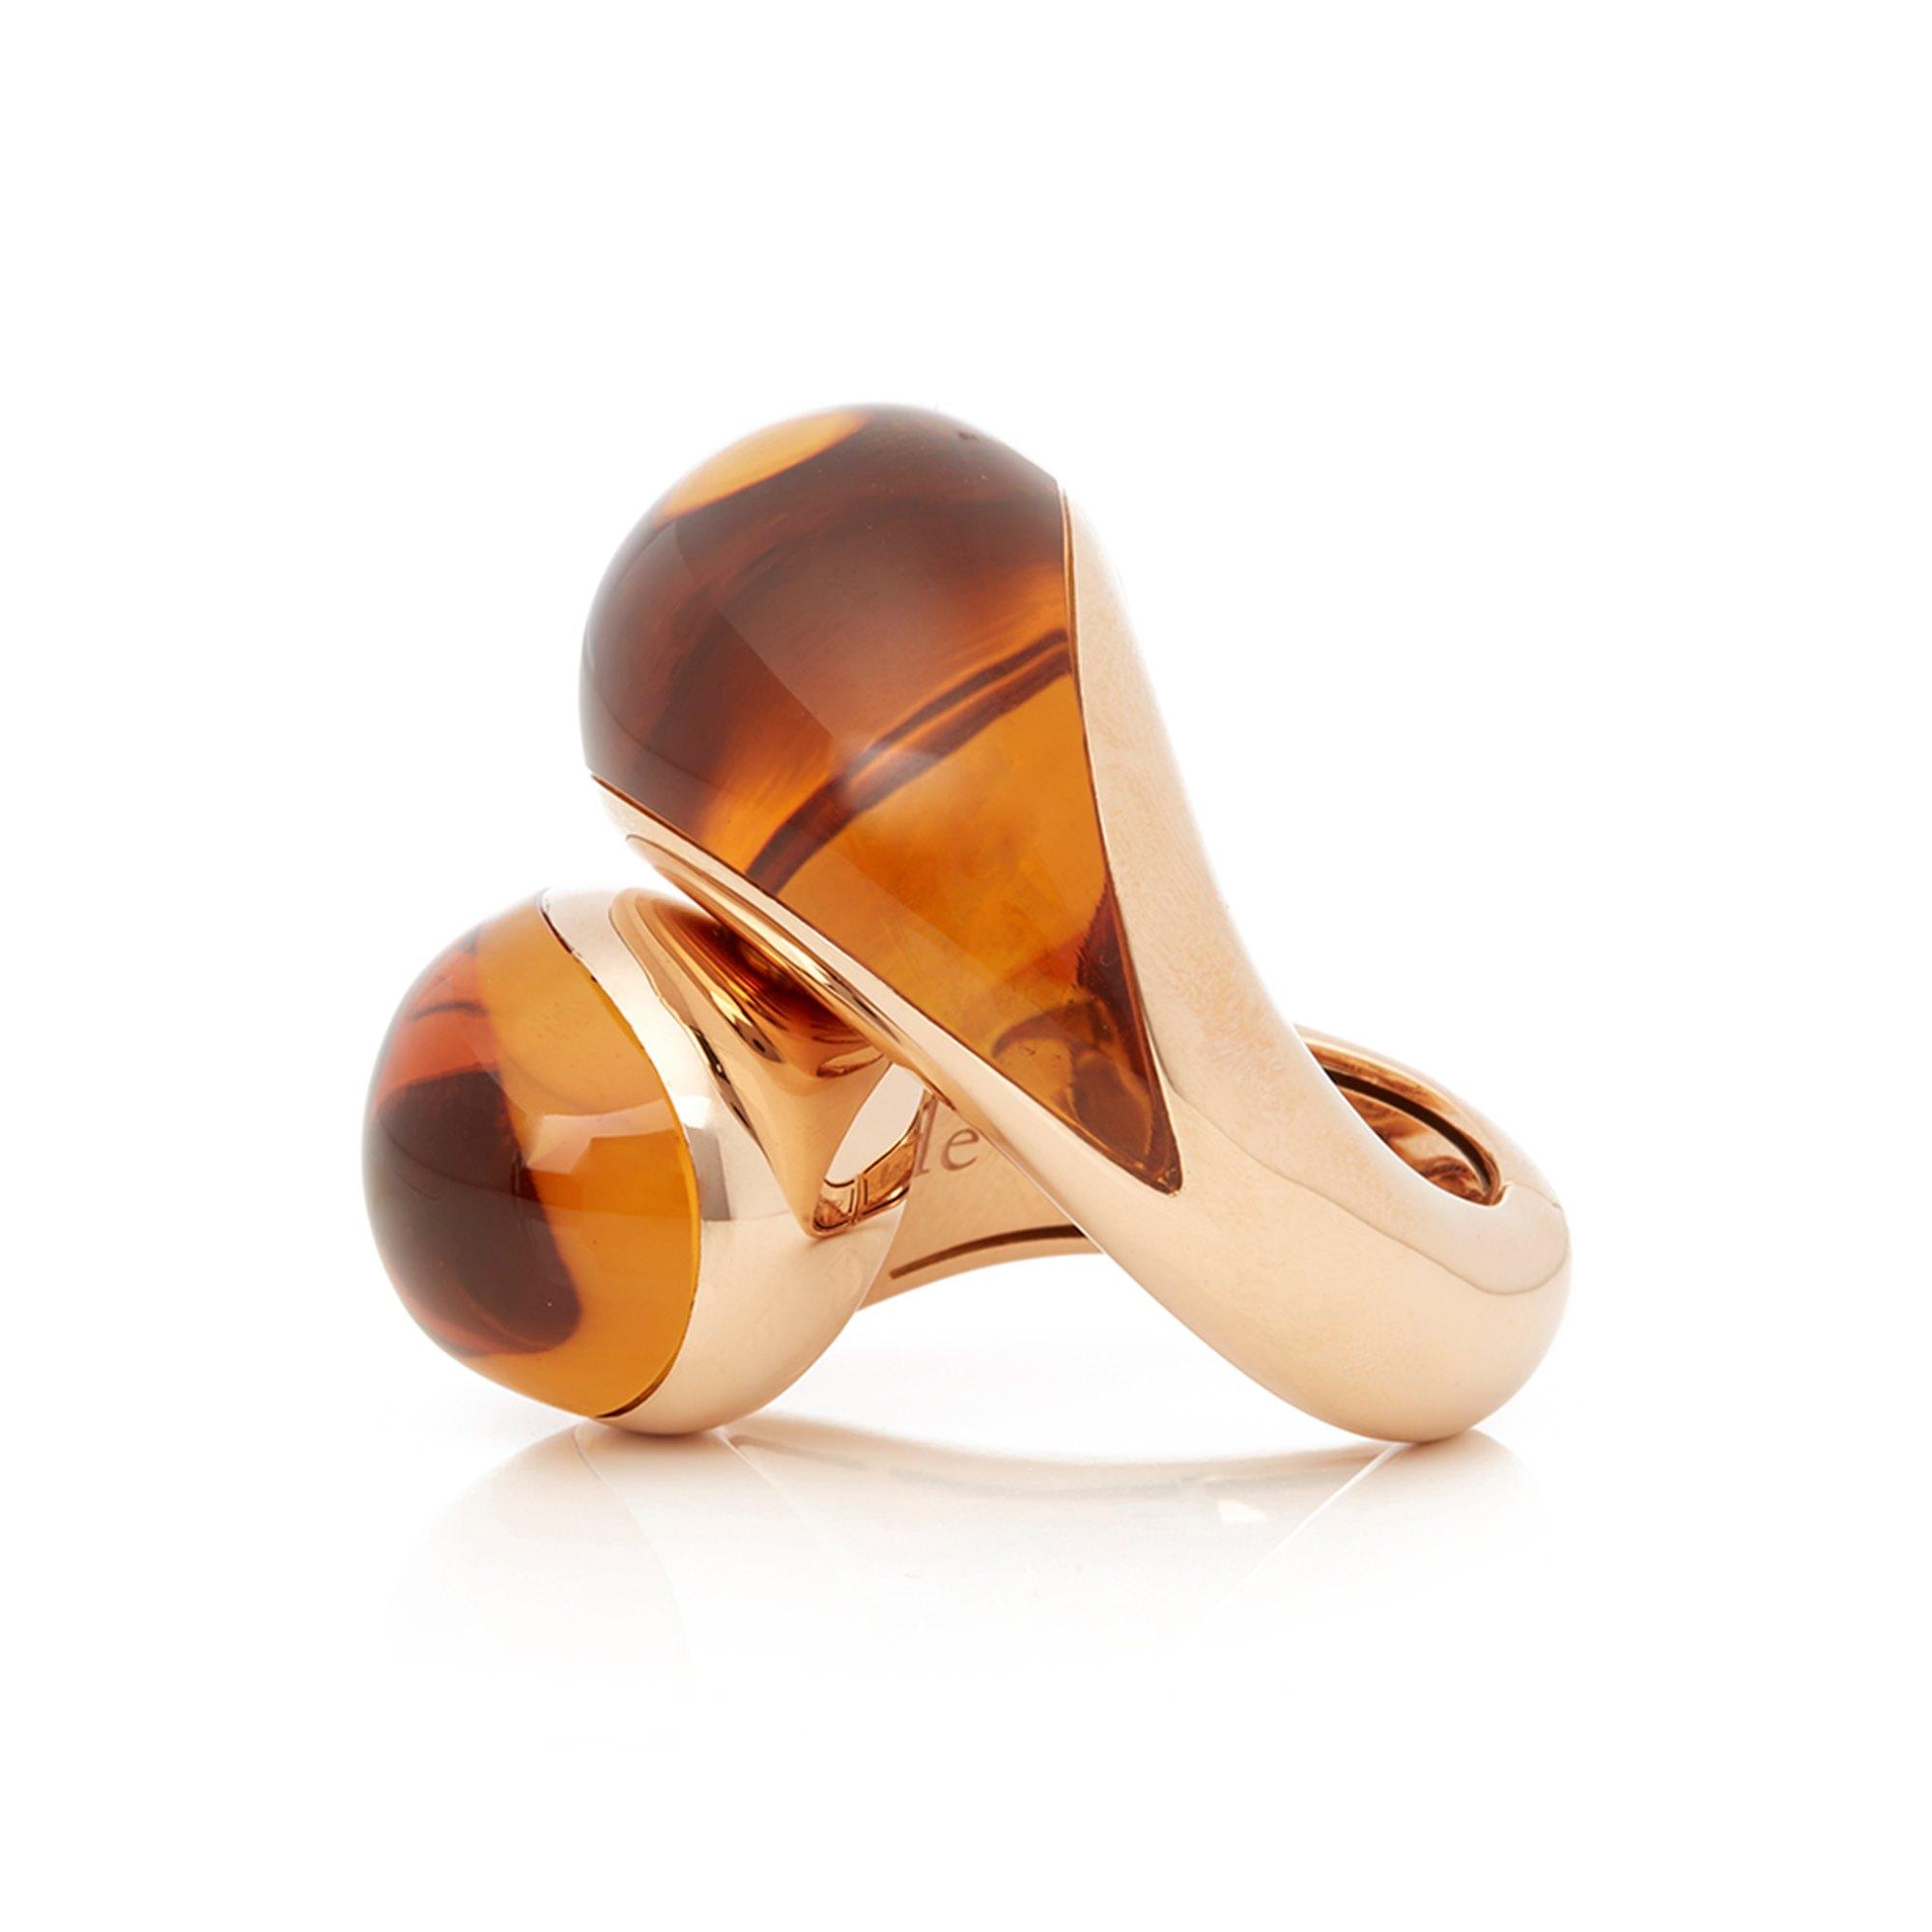 de Grisogon 18k Gold and Citrine Ring